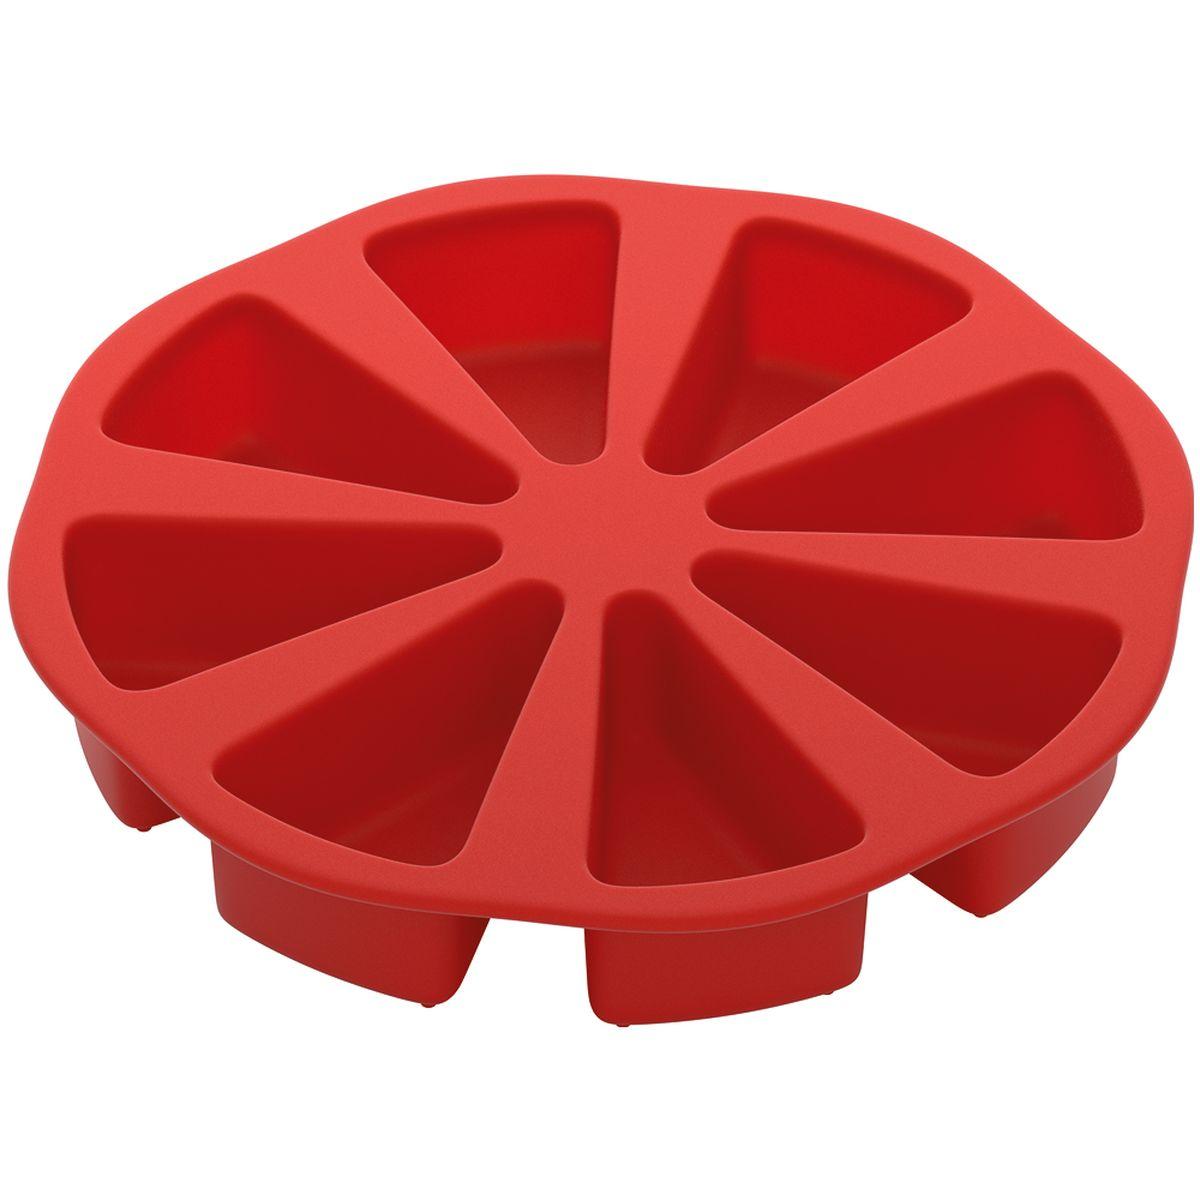 Форма для выпечки Nadoba Mila, силиконовая, диаметр 26 см762024Форма для выпечки Nadoba Mila изготовлена из высококачественного жаропрочного силикона, отвечающего самому строгому европейскому стандарту качества. Изделие отличается стойкостью к высоким температурам, а также обладает антипригарными свойствами, за счет чего выпечка легко вынимается и не пригорает. Форма не прихотлива, ее легко мыть и удобно хранить. Изделие идеально подходит для выпекания порционного торта. Форма обладает широким диапазоном рабочих температур от -40°С до +230°С, поэтому пригодна для любых типов духовок, микроволновой печи и морозильной камеры. Можно мыть в посудомоечной машине.